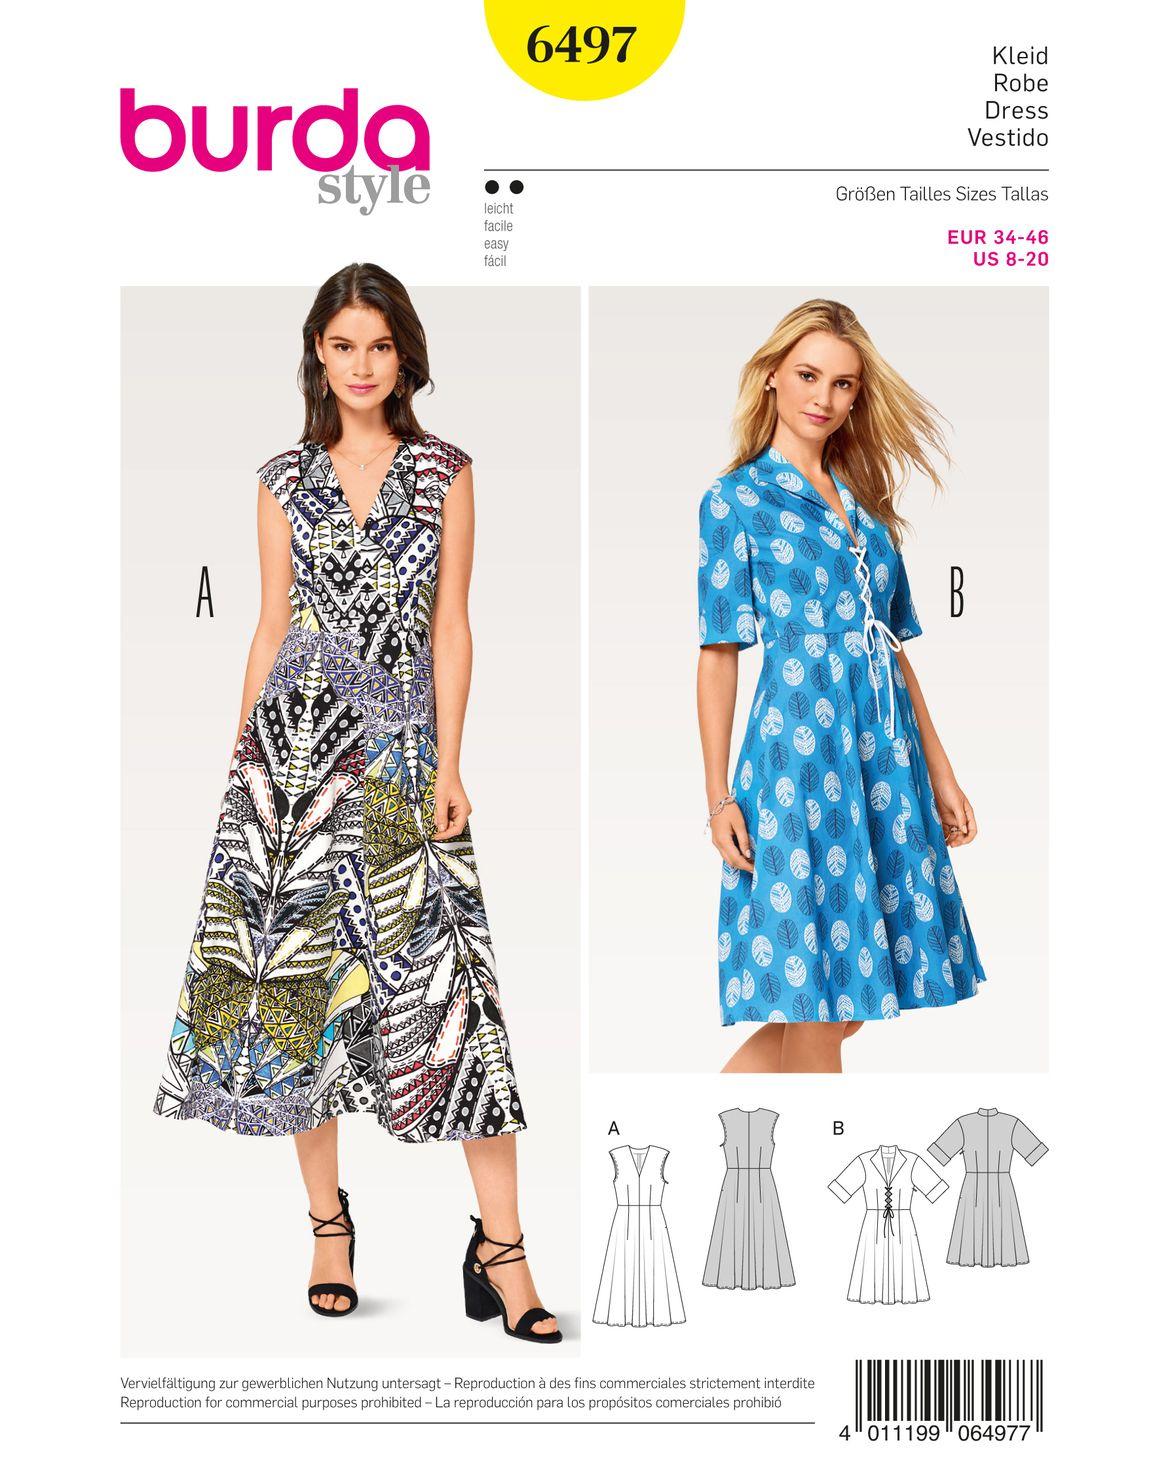 Kleid F/S 2017 #6497B | Schnittmuster kleid, Burda style und Das kleid